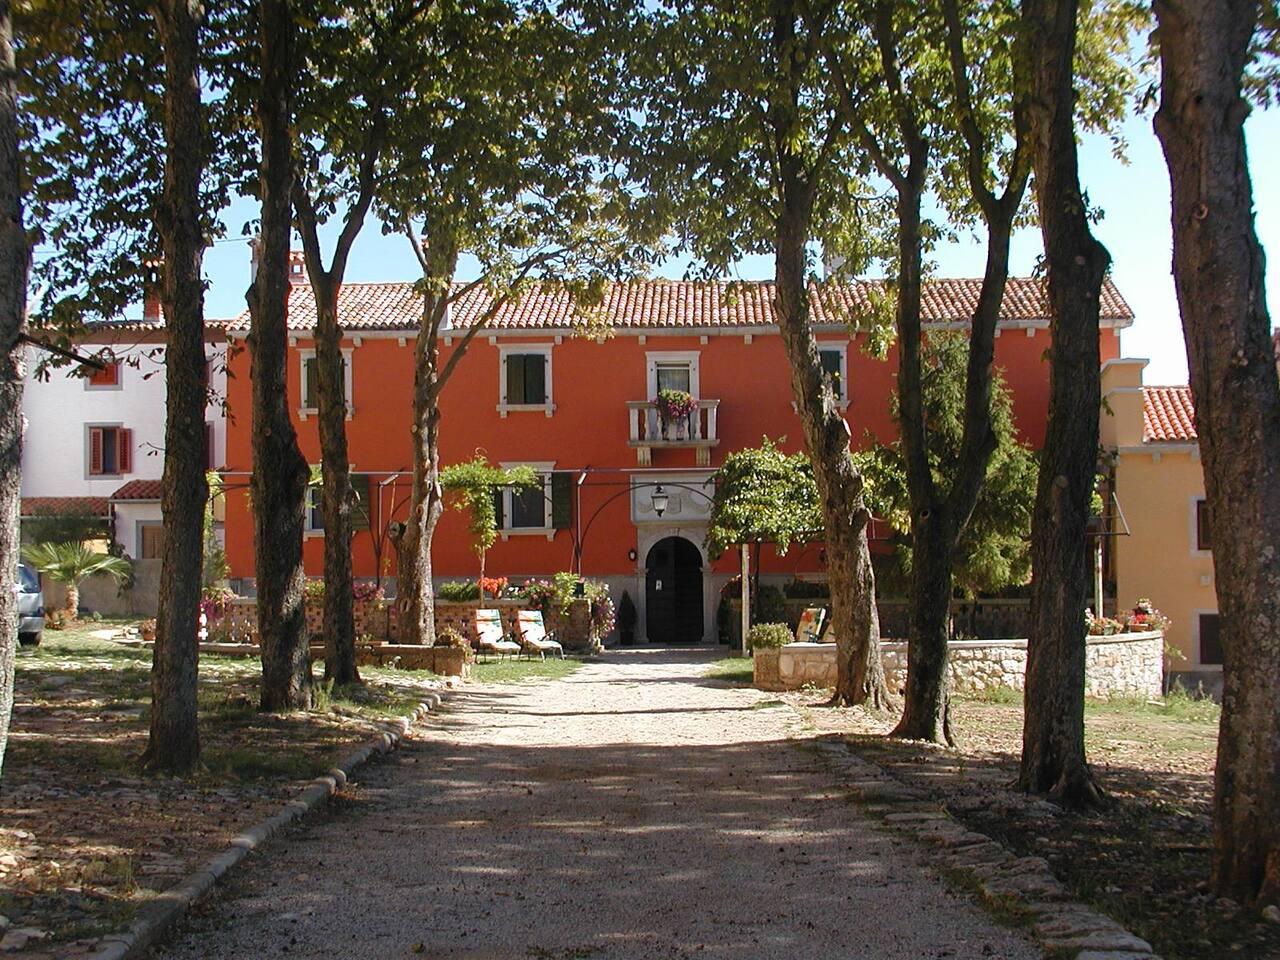 The Palace Lazzarini-Battiala